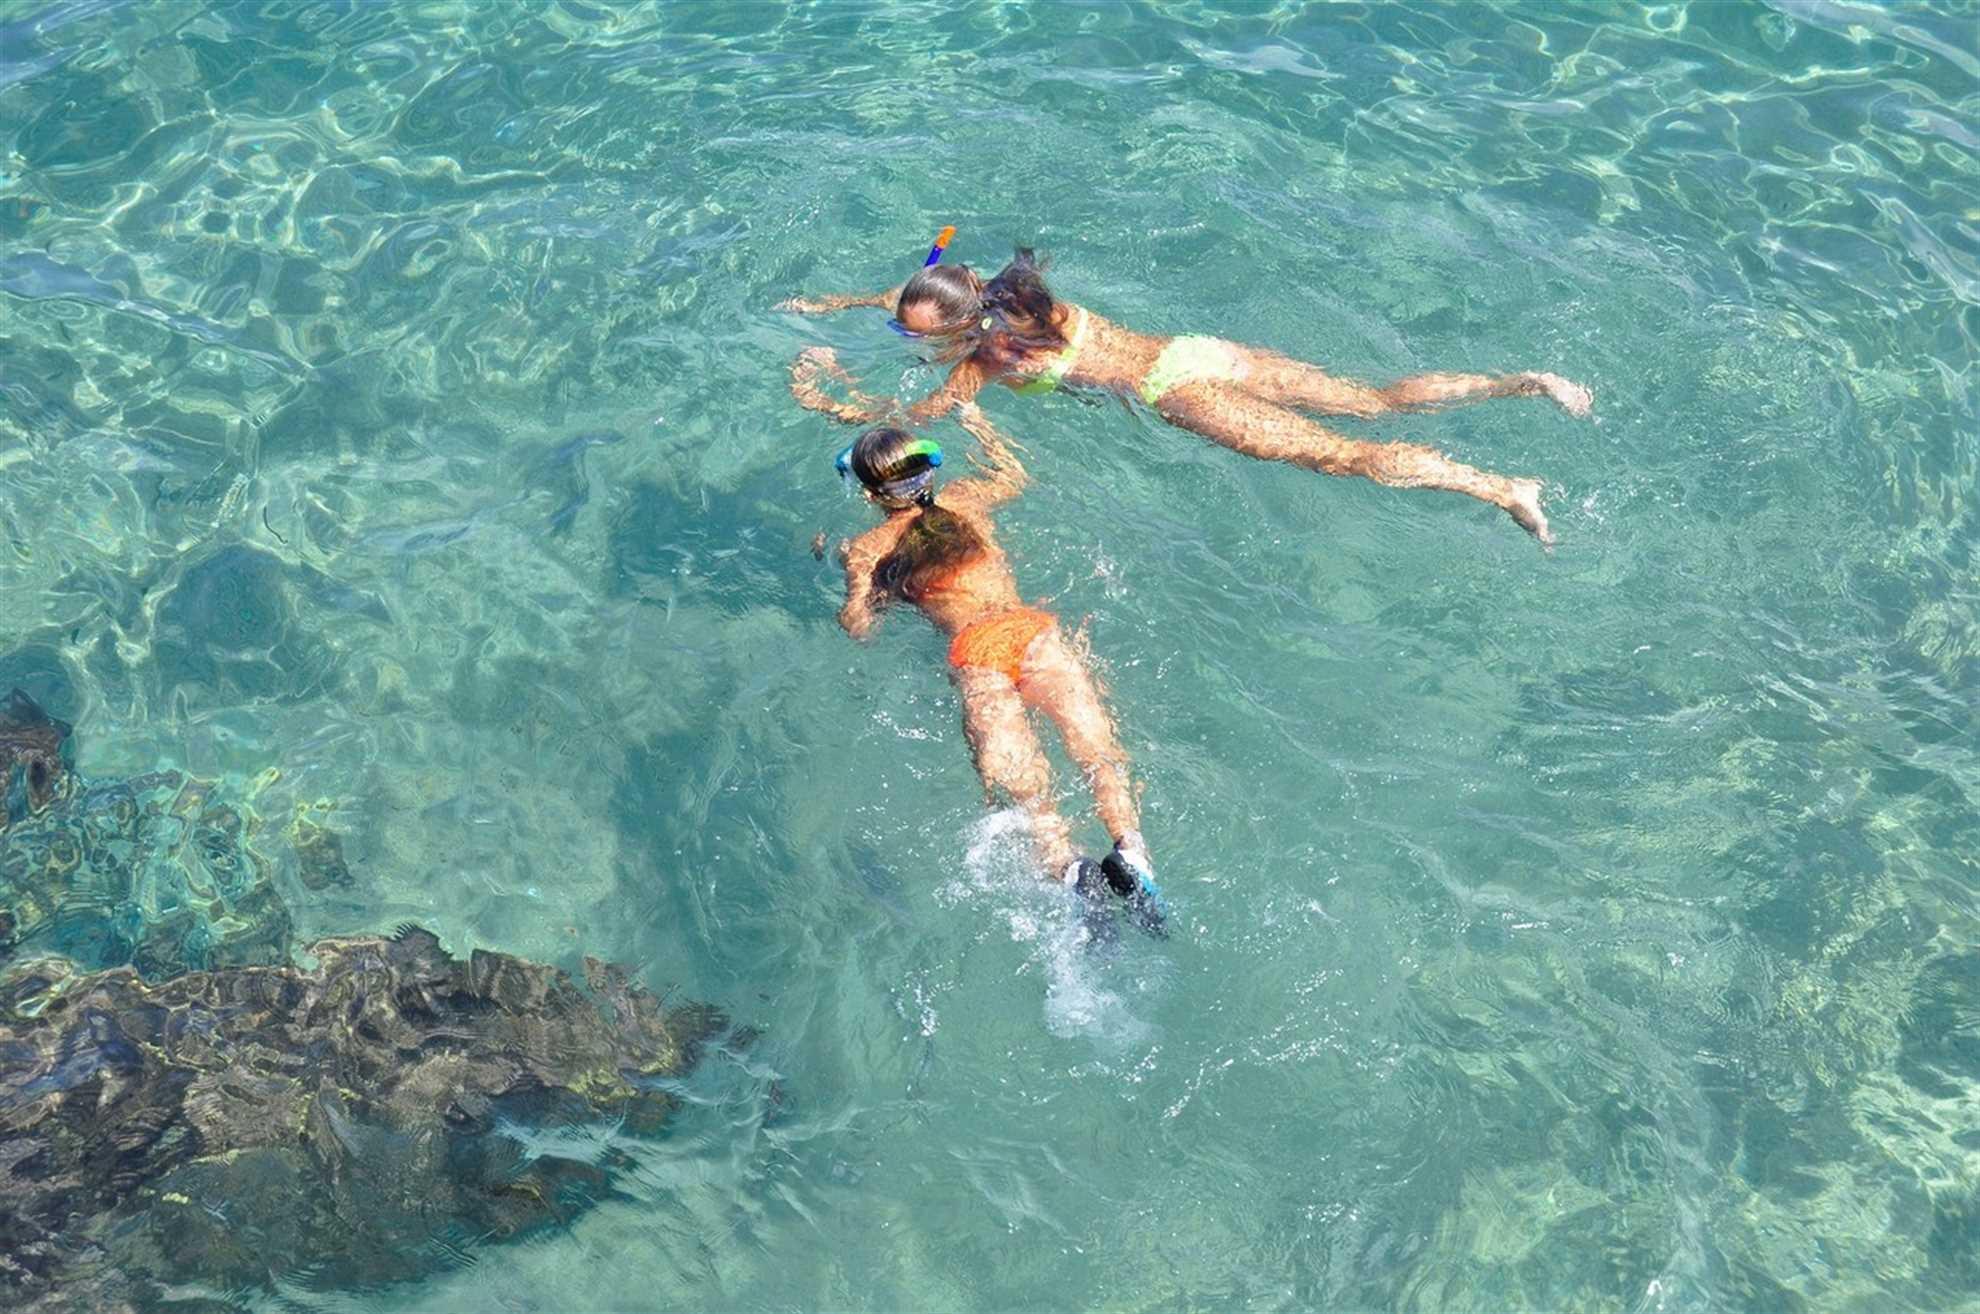 Barn som snorkler i Adriaterhavet